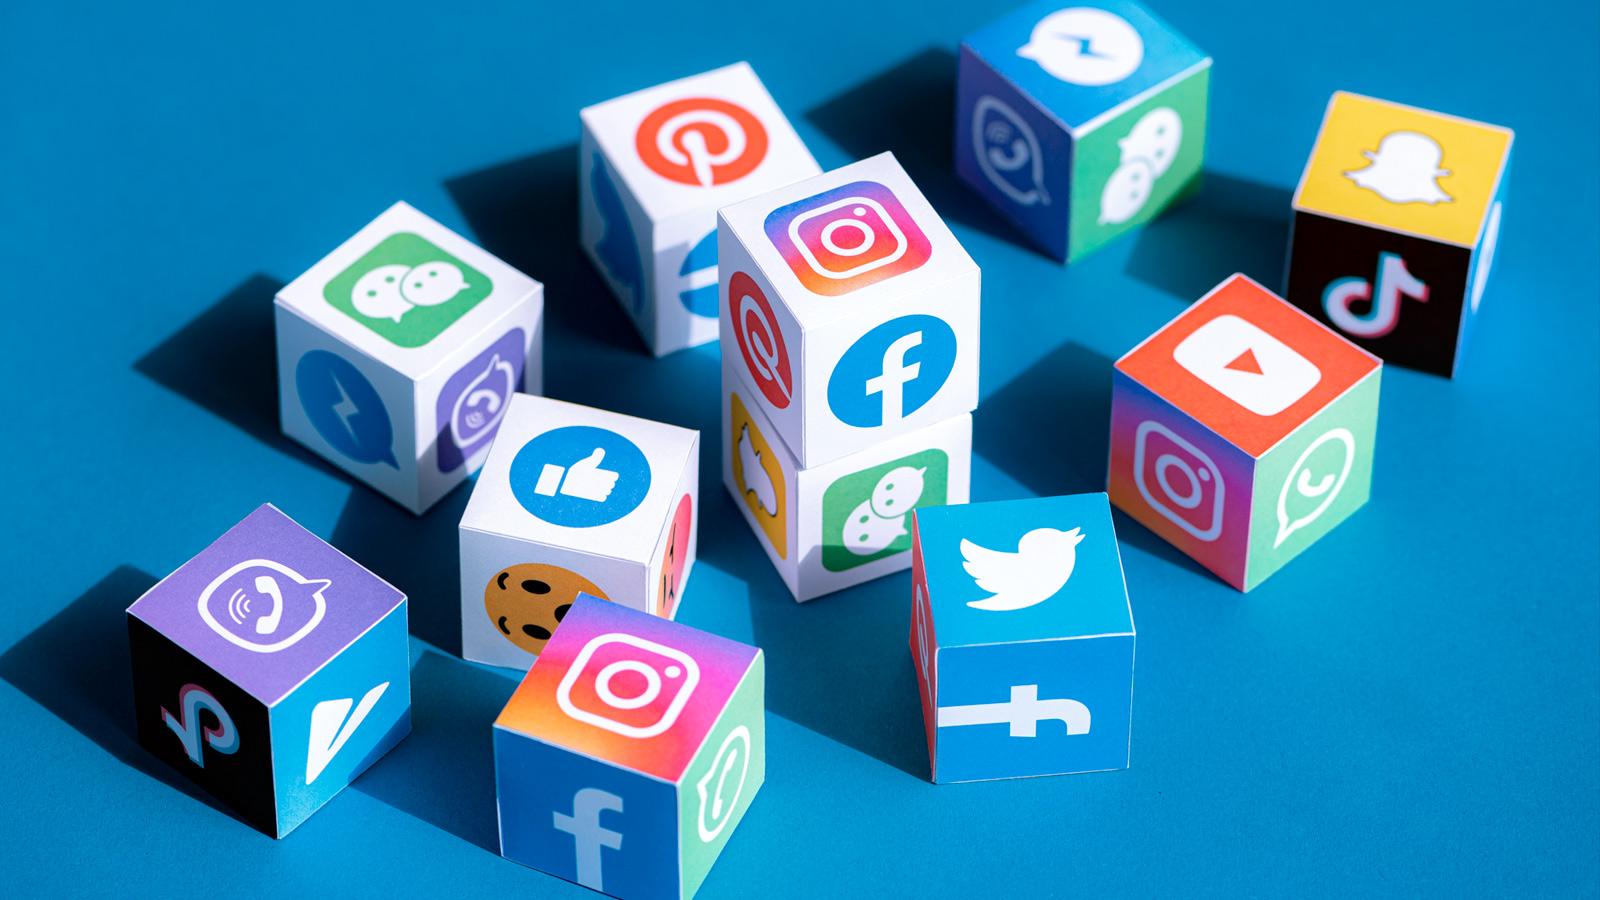 Sosyal Medya Paneli Kullanmak Neden Önemlidir?